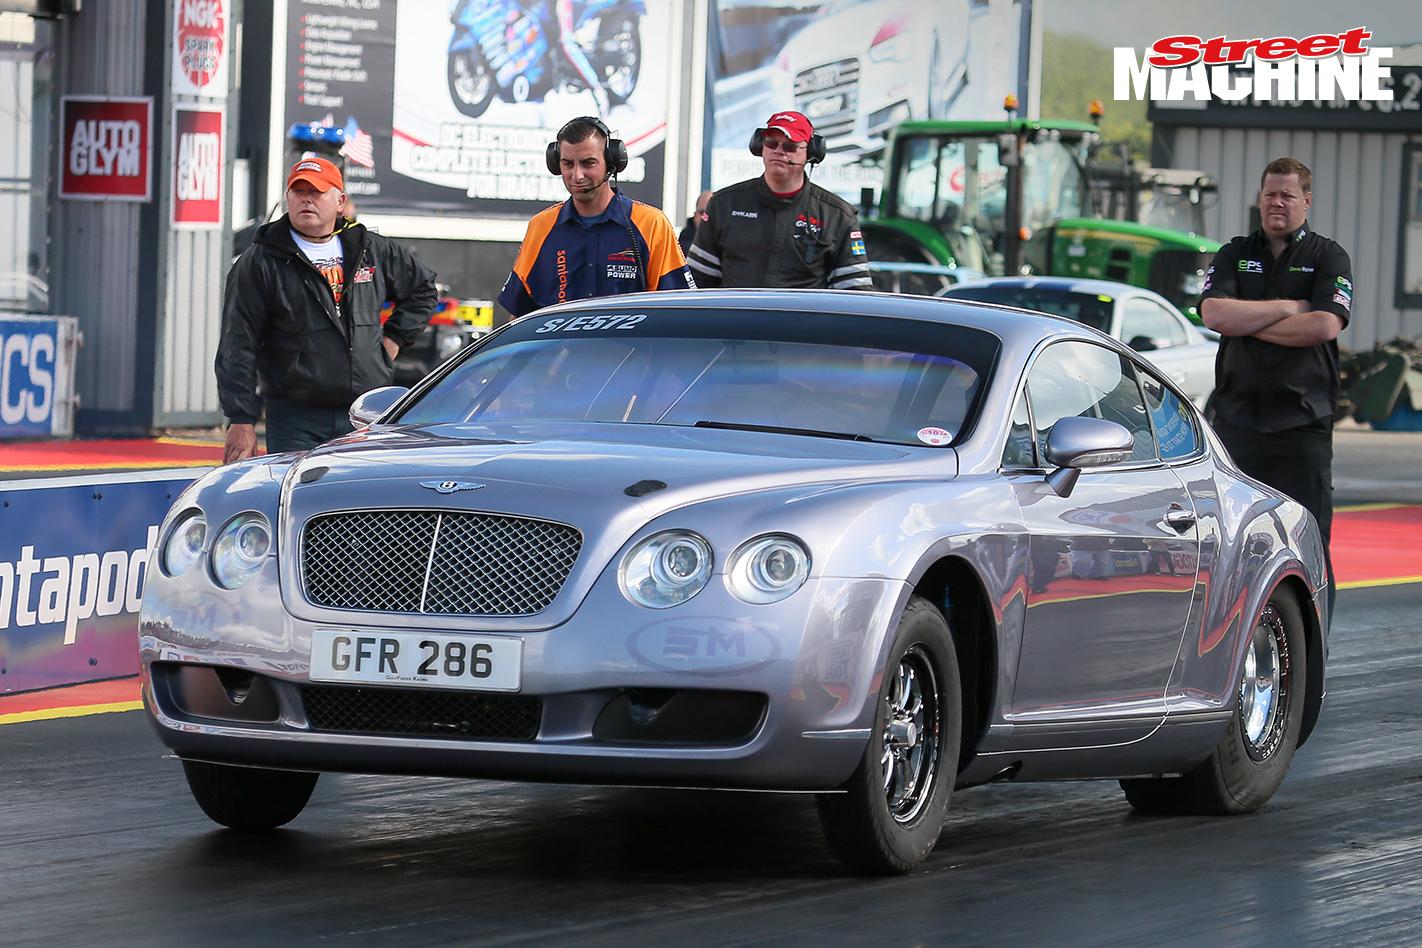 Bentley GT Drag Race Car 13 Nw